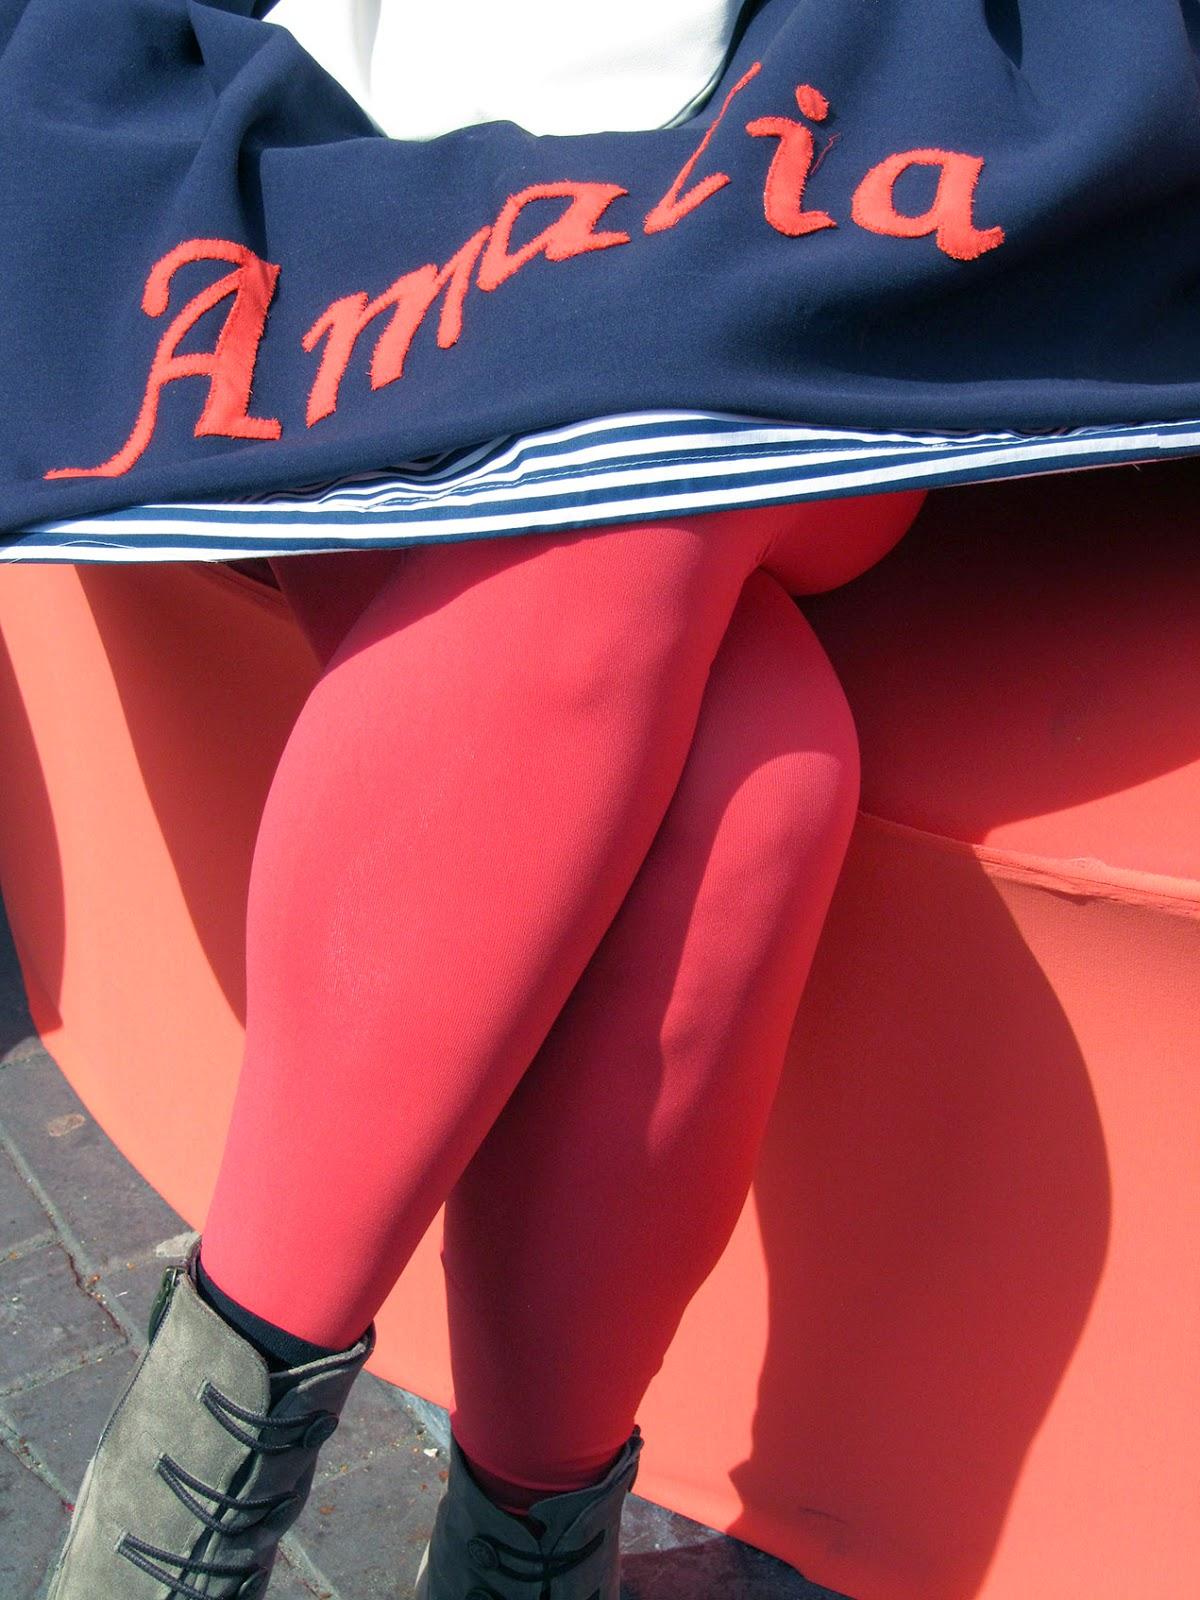 Amalia's legs